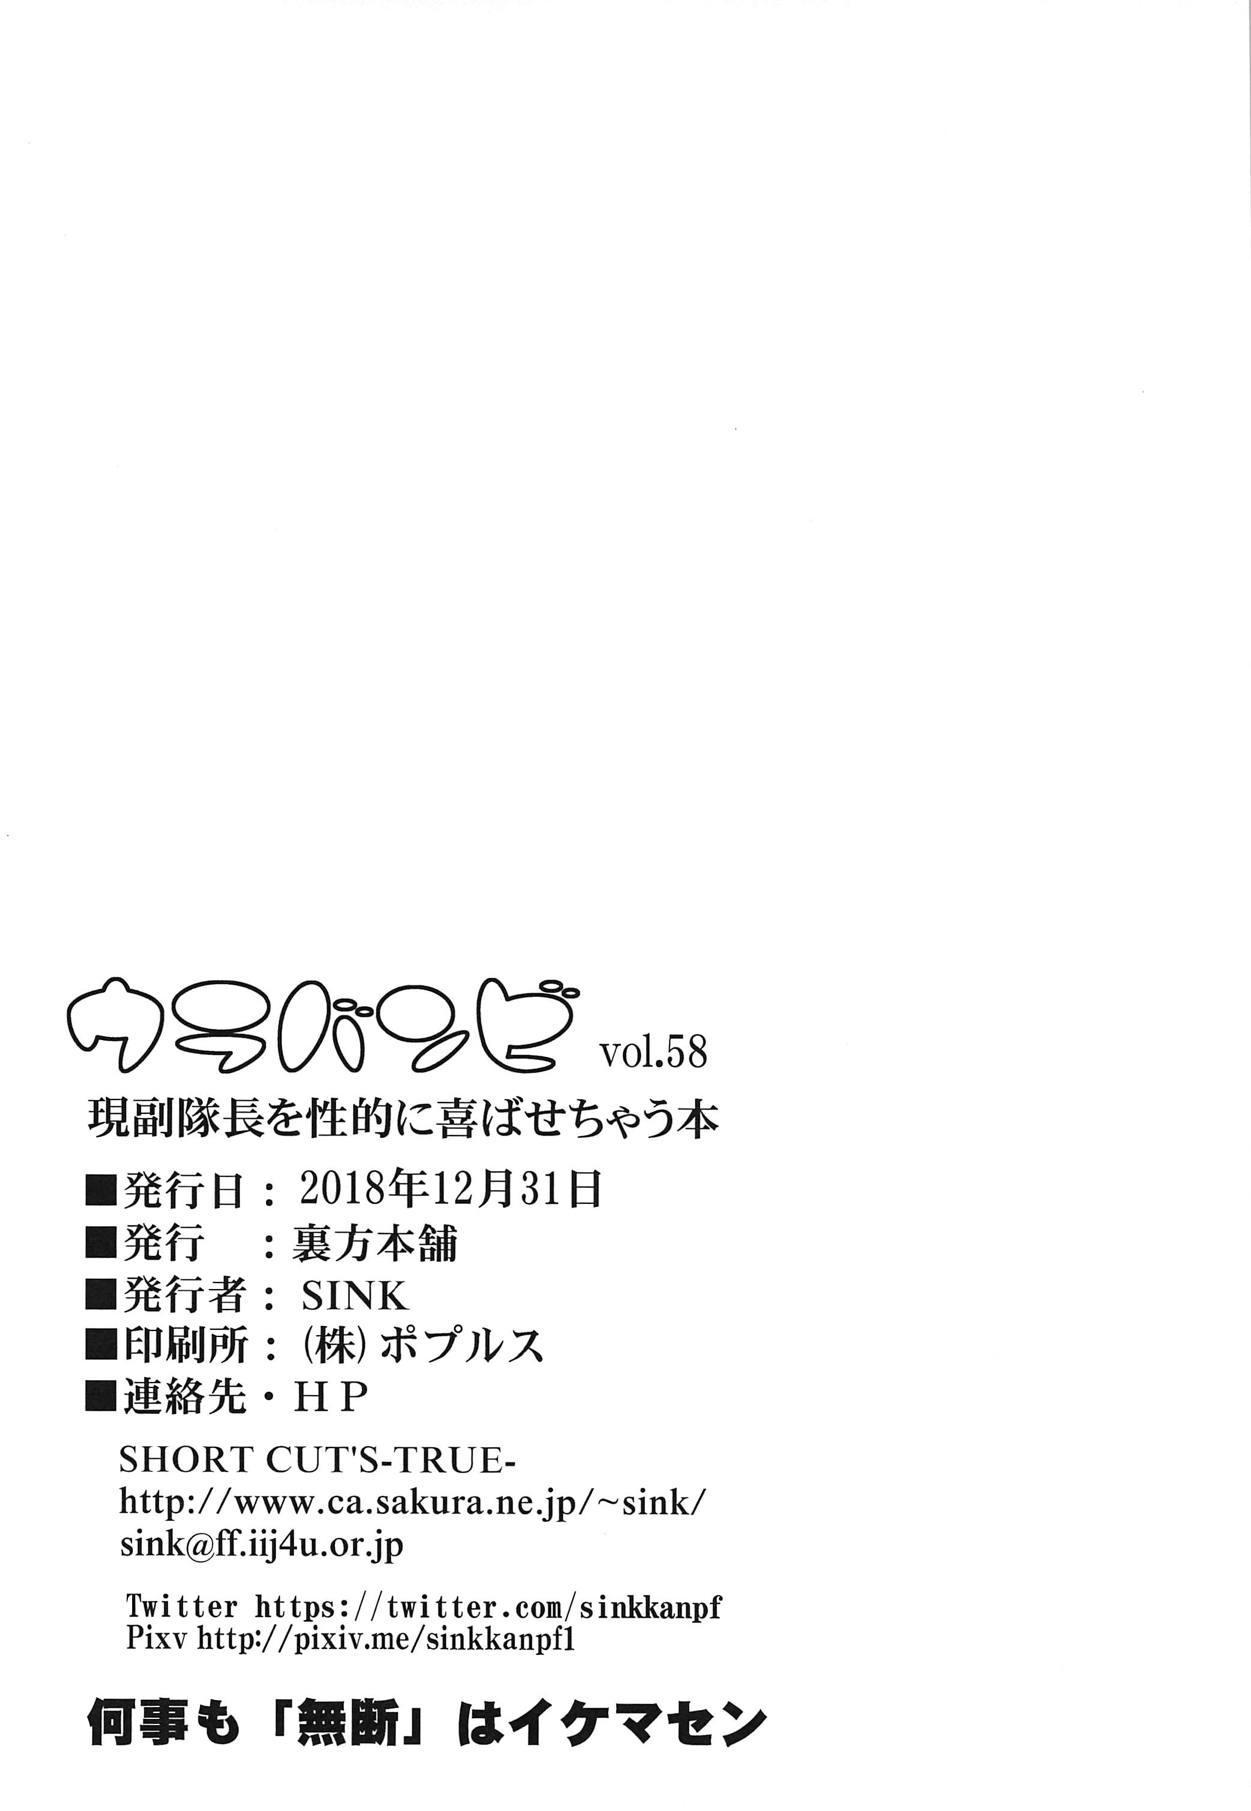 Urabambi Vol. 58 Genfuku Taichou o Seiteki ni Yorokobasechau Hon 24